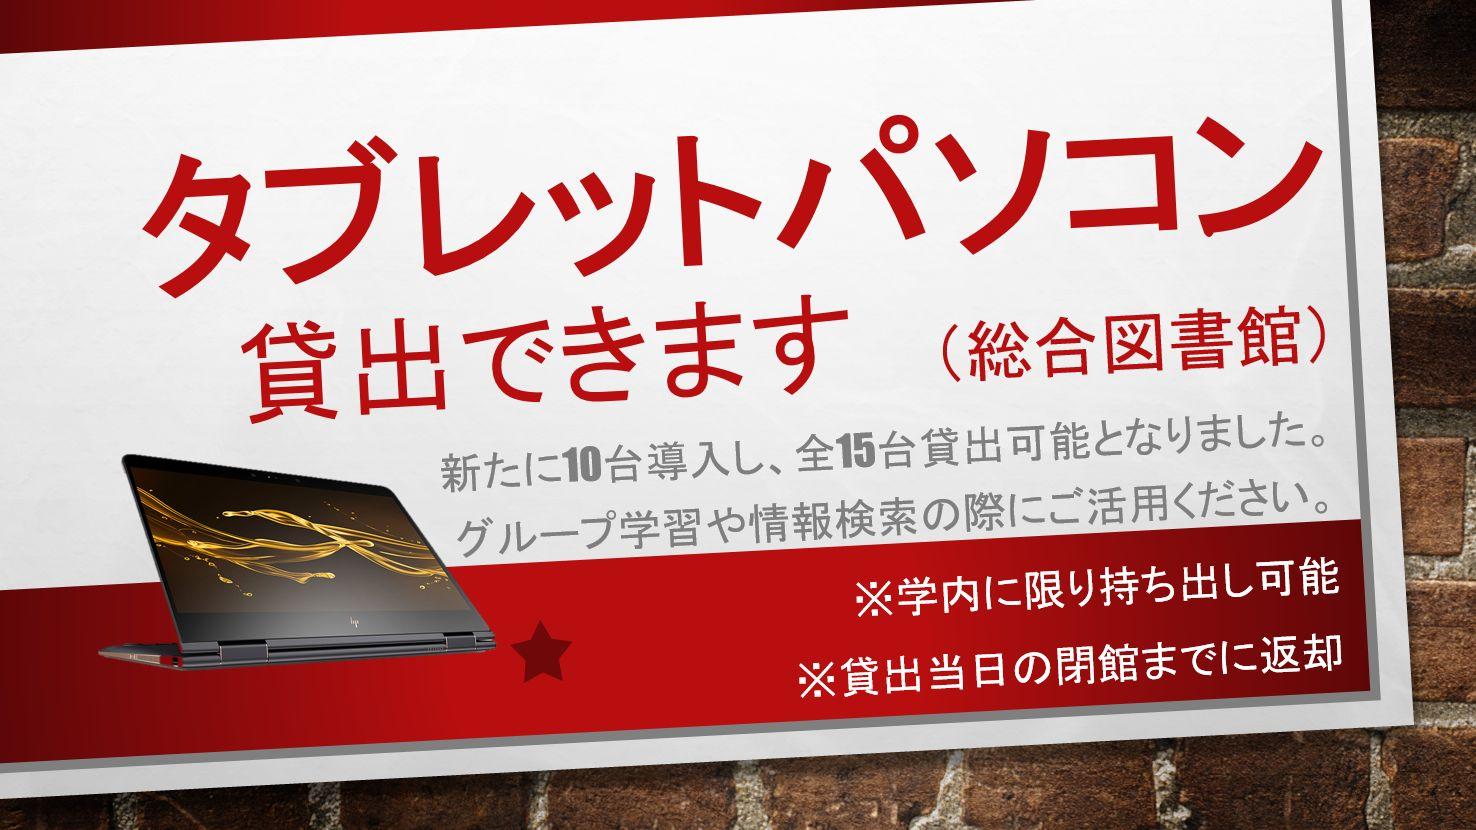 タブレットPCポスター.JPG